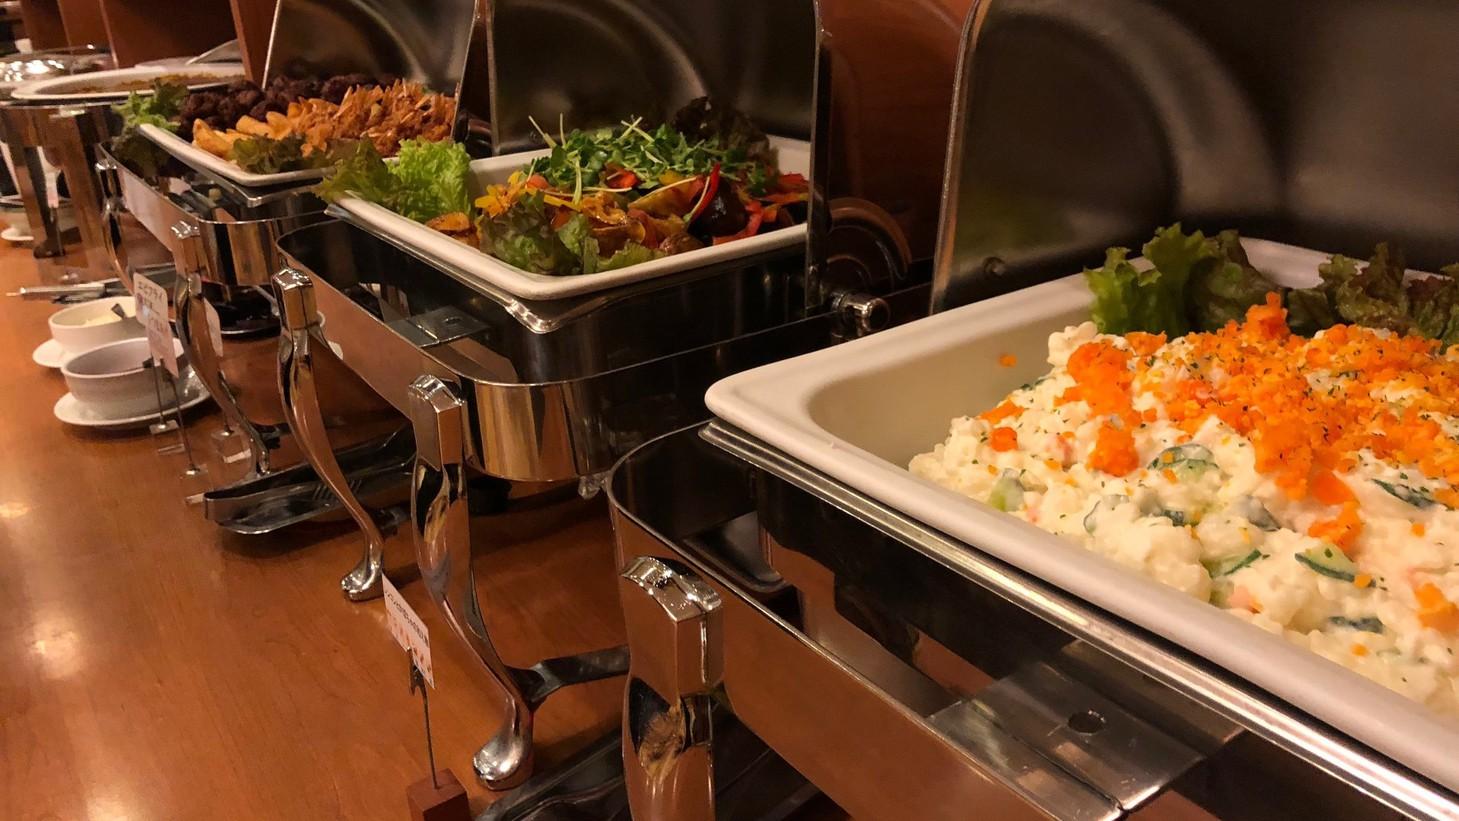 朝食レストラン花茶屋◇営業時間6:30〜9:00 郷土料理などのご当地メニューもご用意しております。